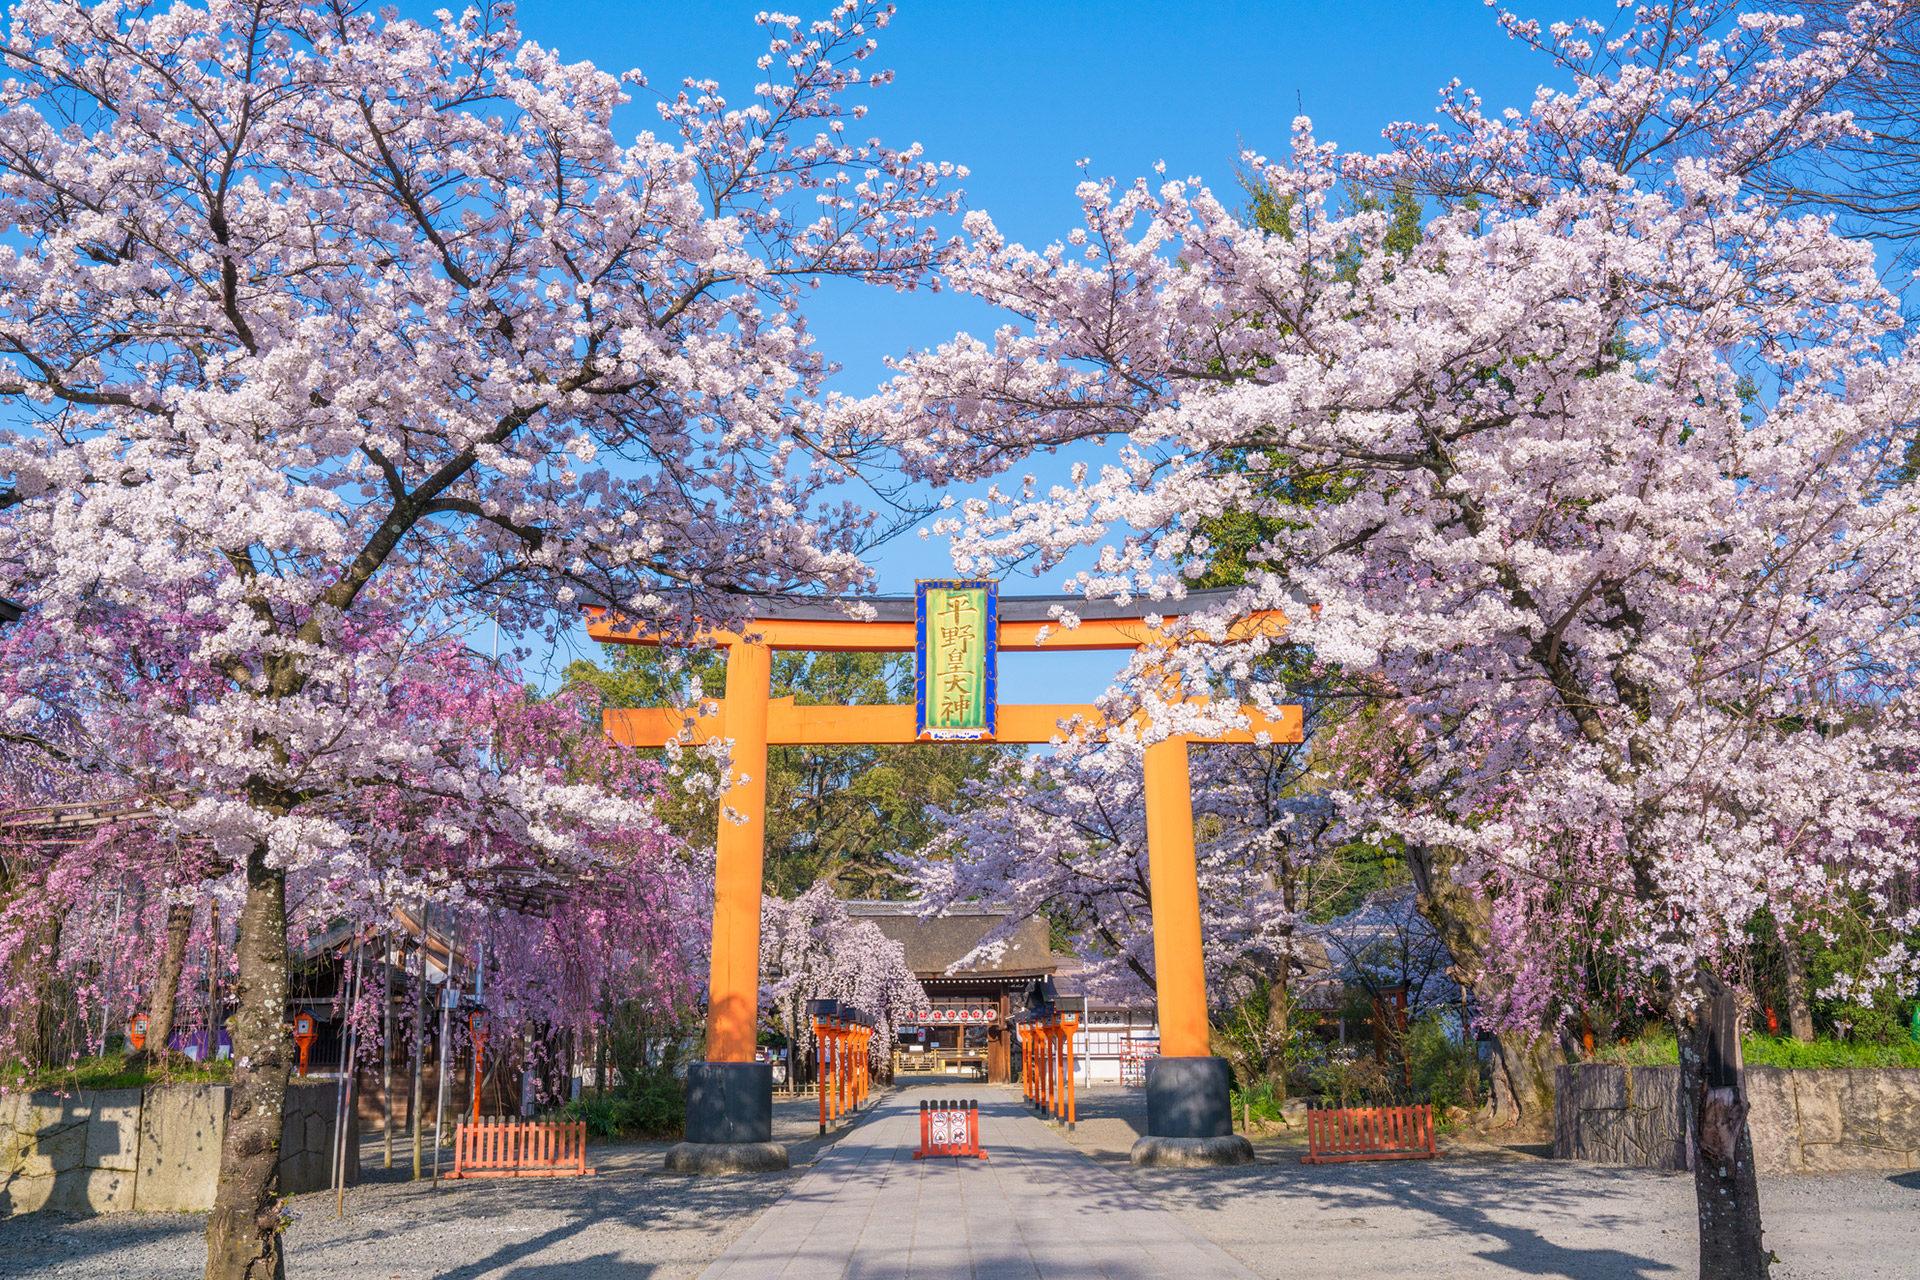 京都神社是